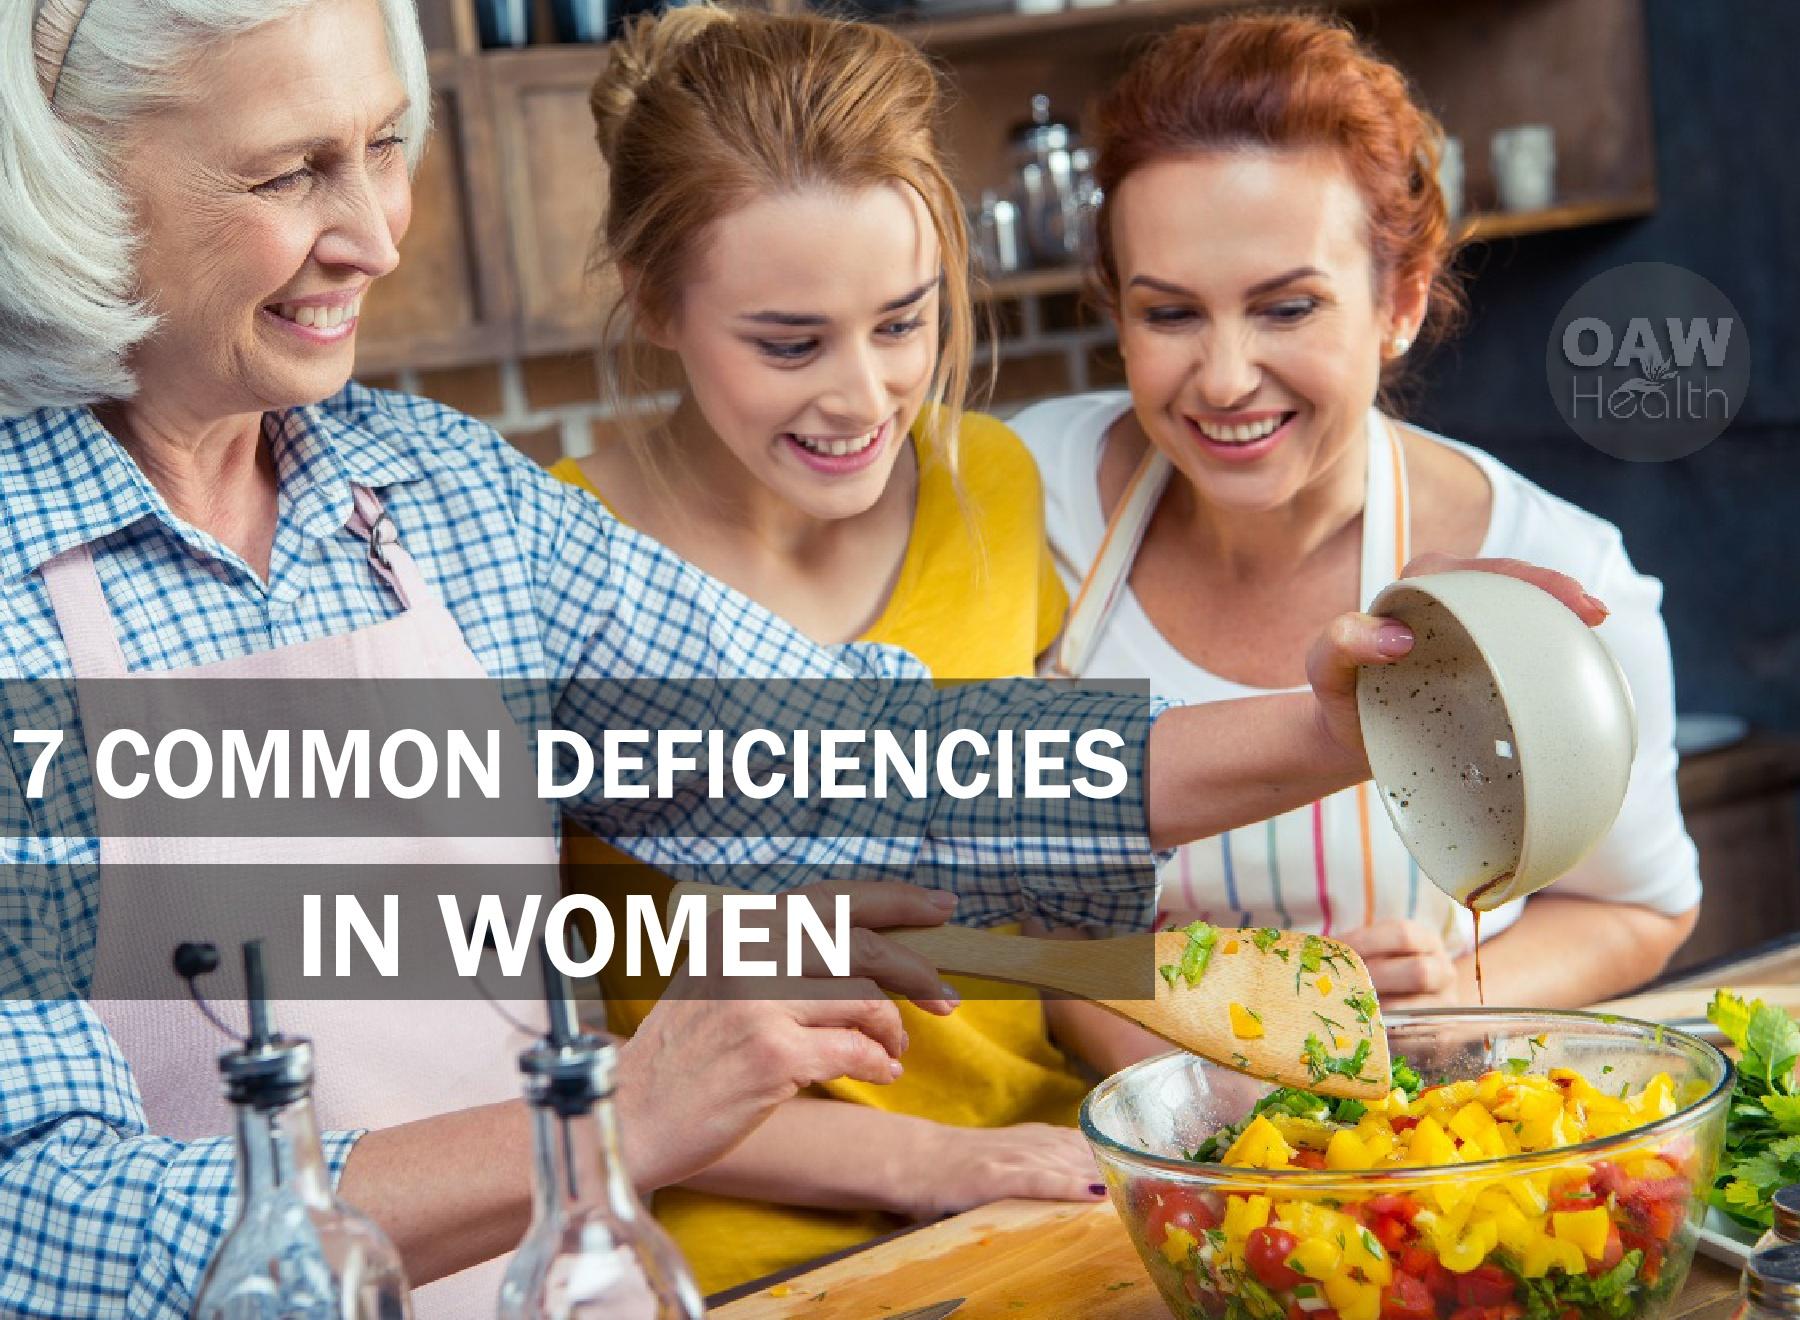 7 Common Deficiencies in Women